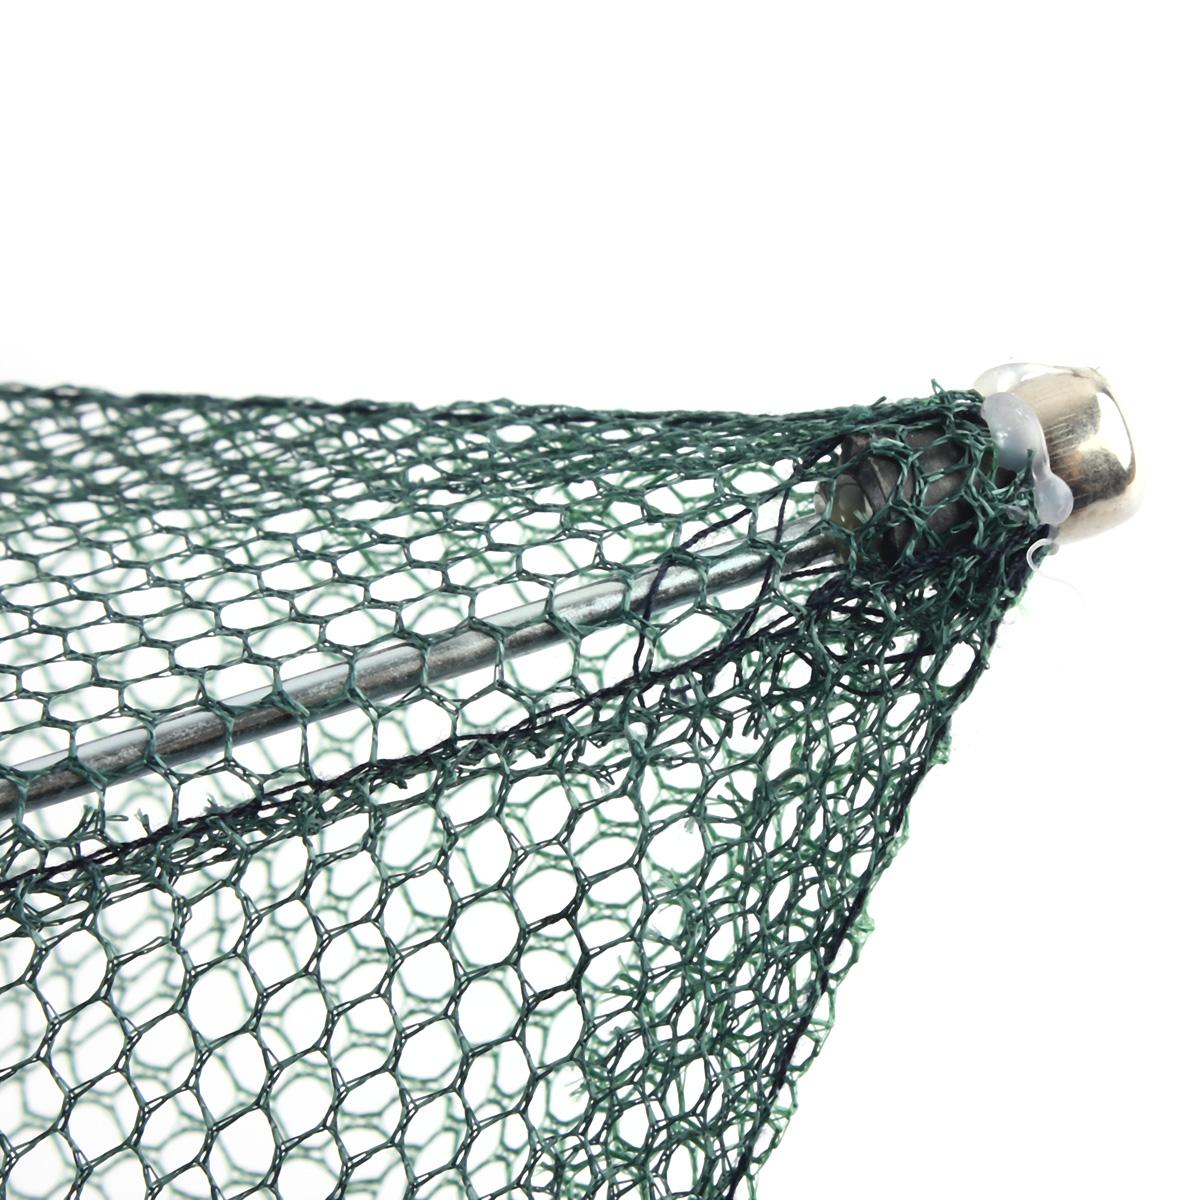 100 100cm bourriche panier filet cage epuisette en nylon vert pour p che poisson ebay. Black Bedroom Furniture Sets. Home Design Ideas